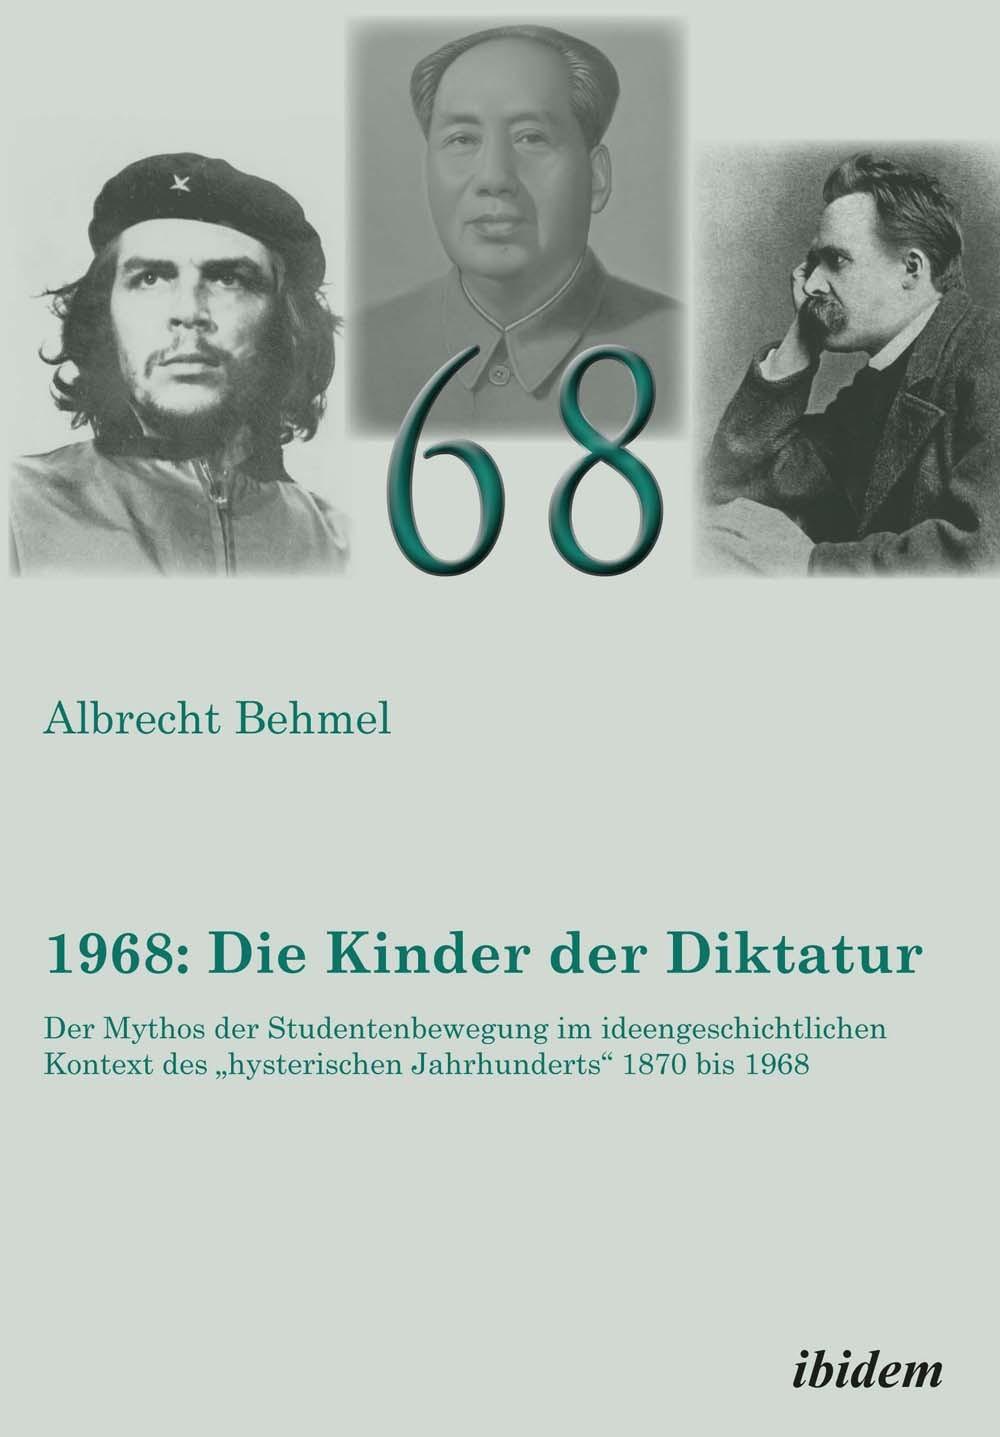 1968: Die Kinder der Diktatur